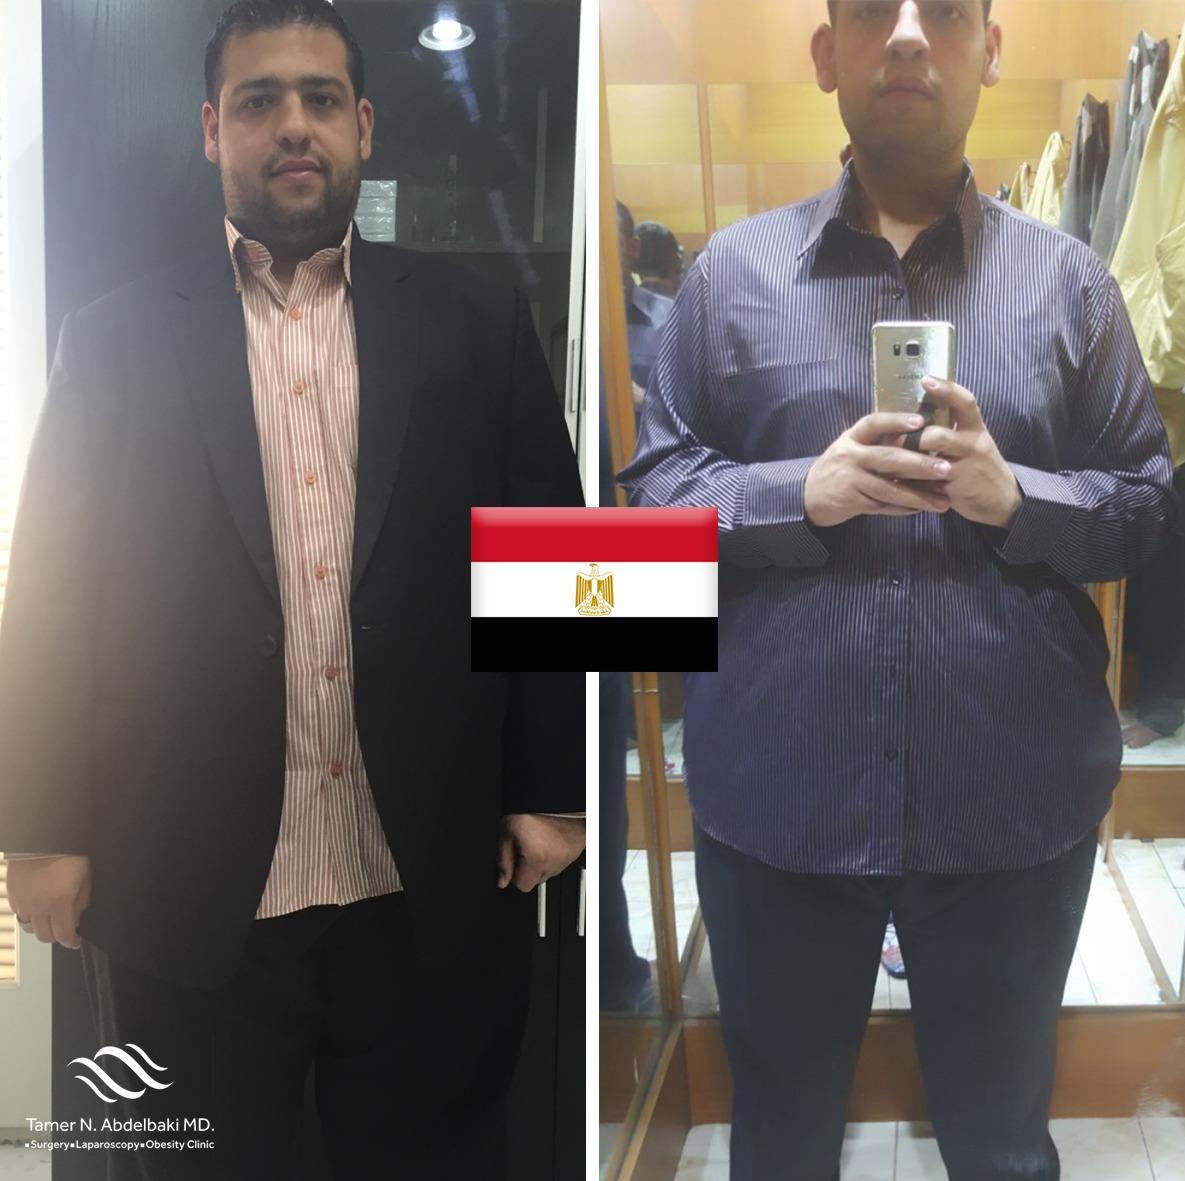 Mohamed Khedr